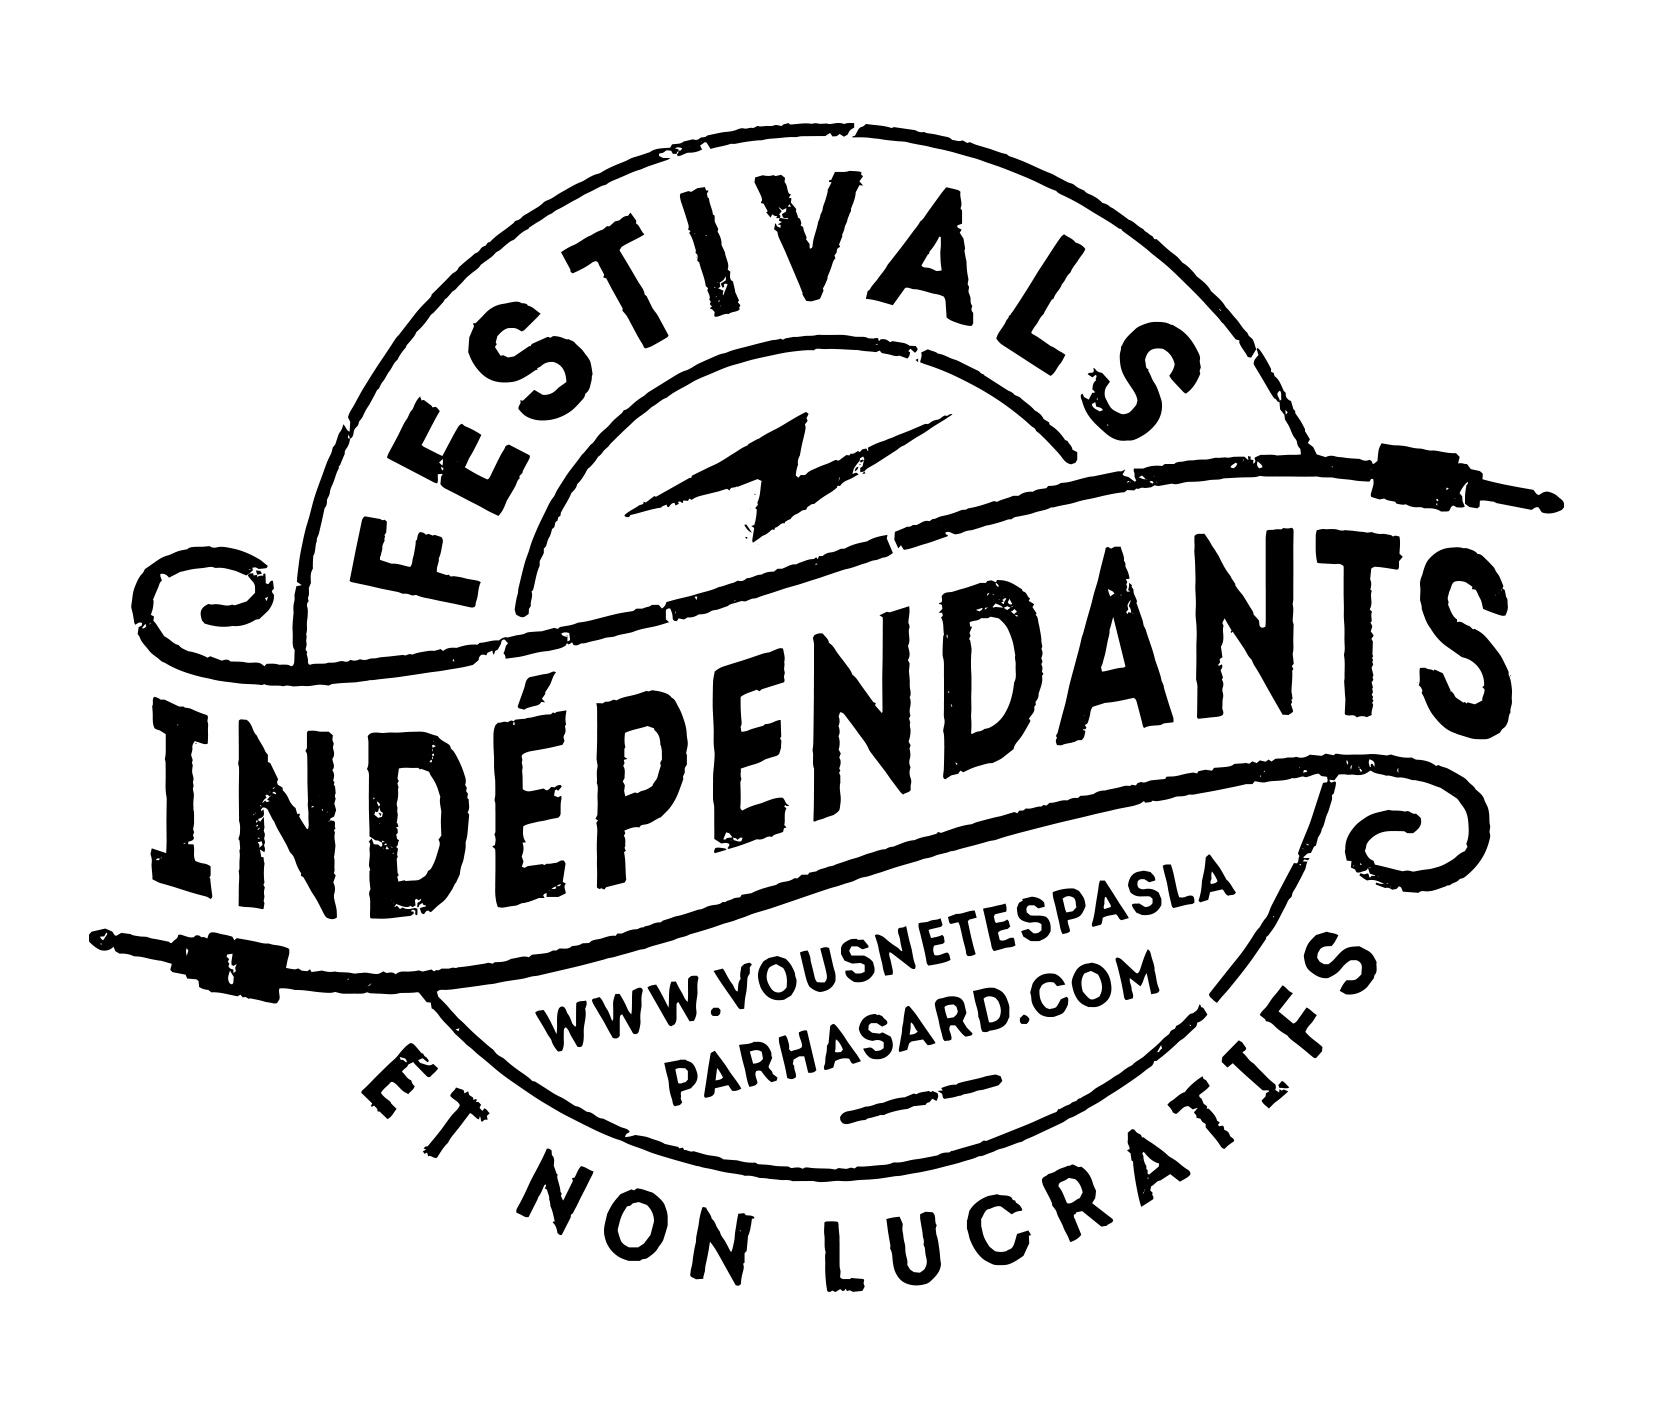 Festivals indépendants et non lucratifs